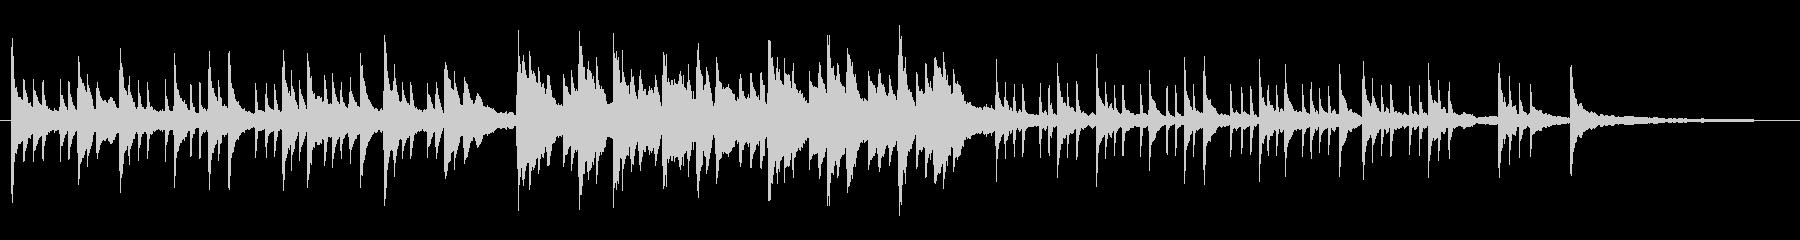 ピアノソロによるグレゴリオ聖歌の未再生の波形